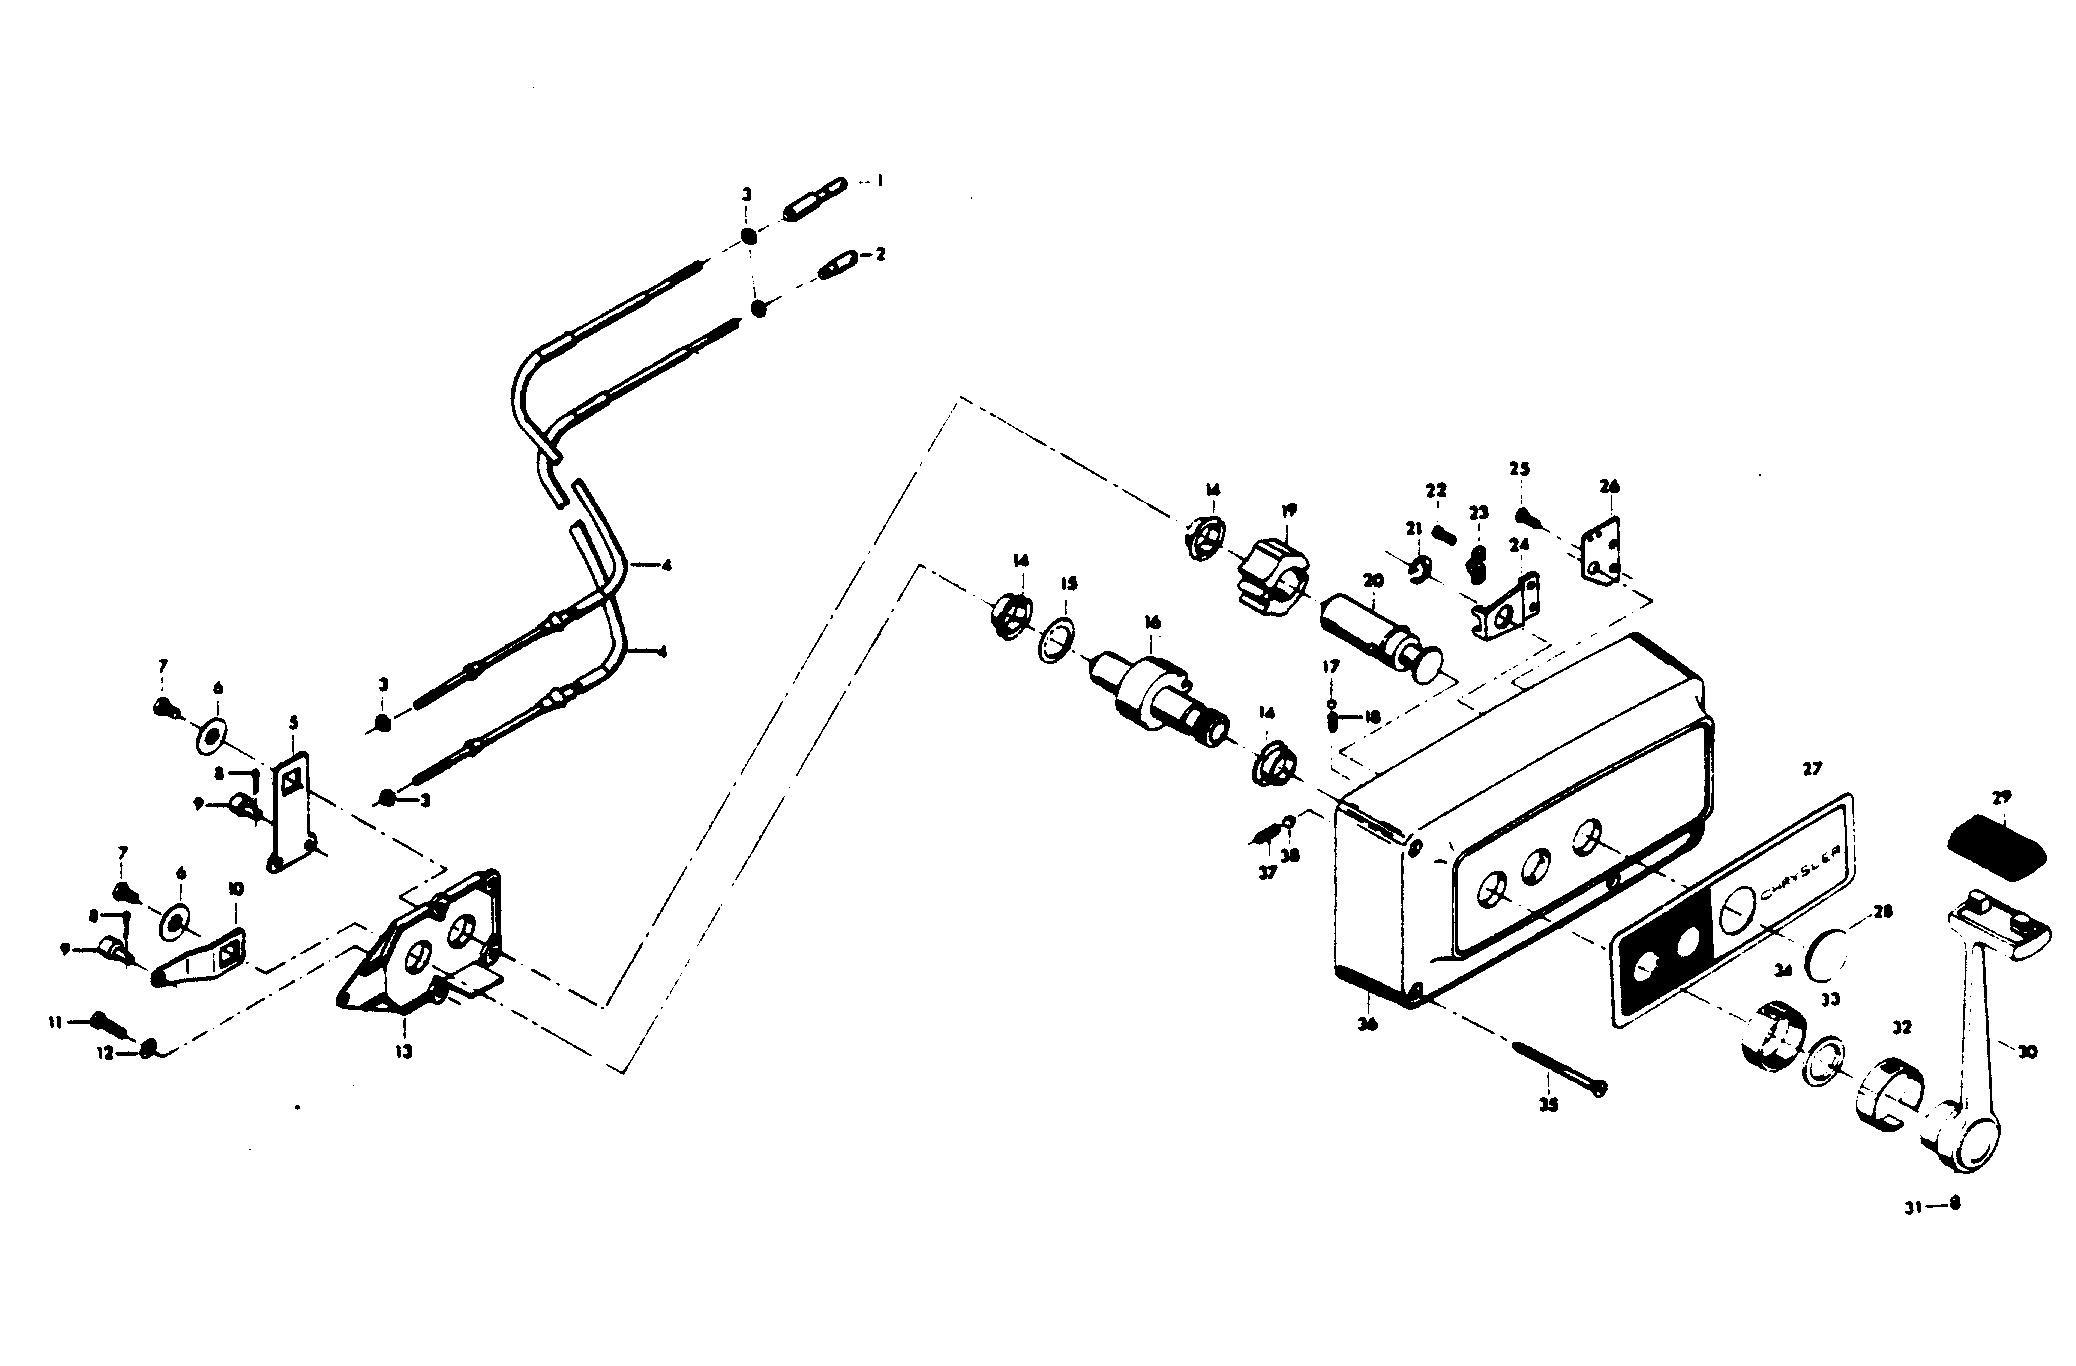 Каталог запчастей CHRYSLER 45 (1974) 468BB — Запасные